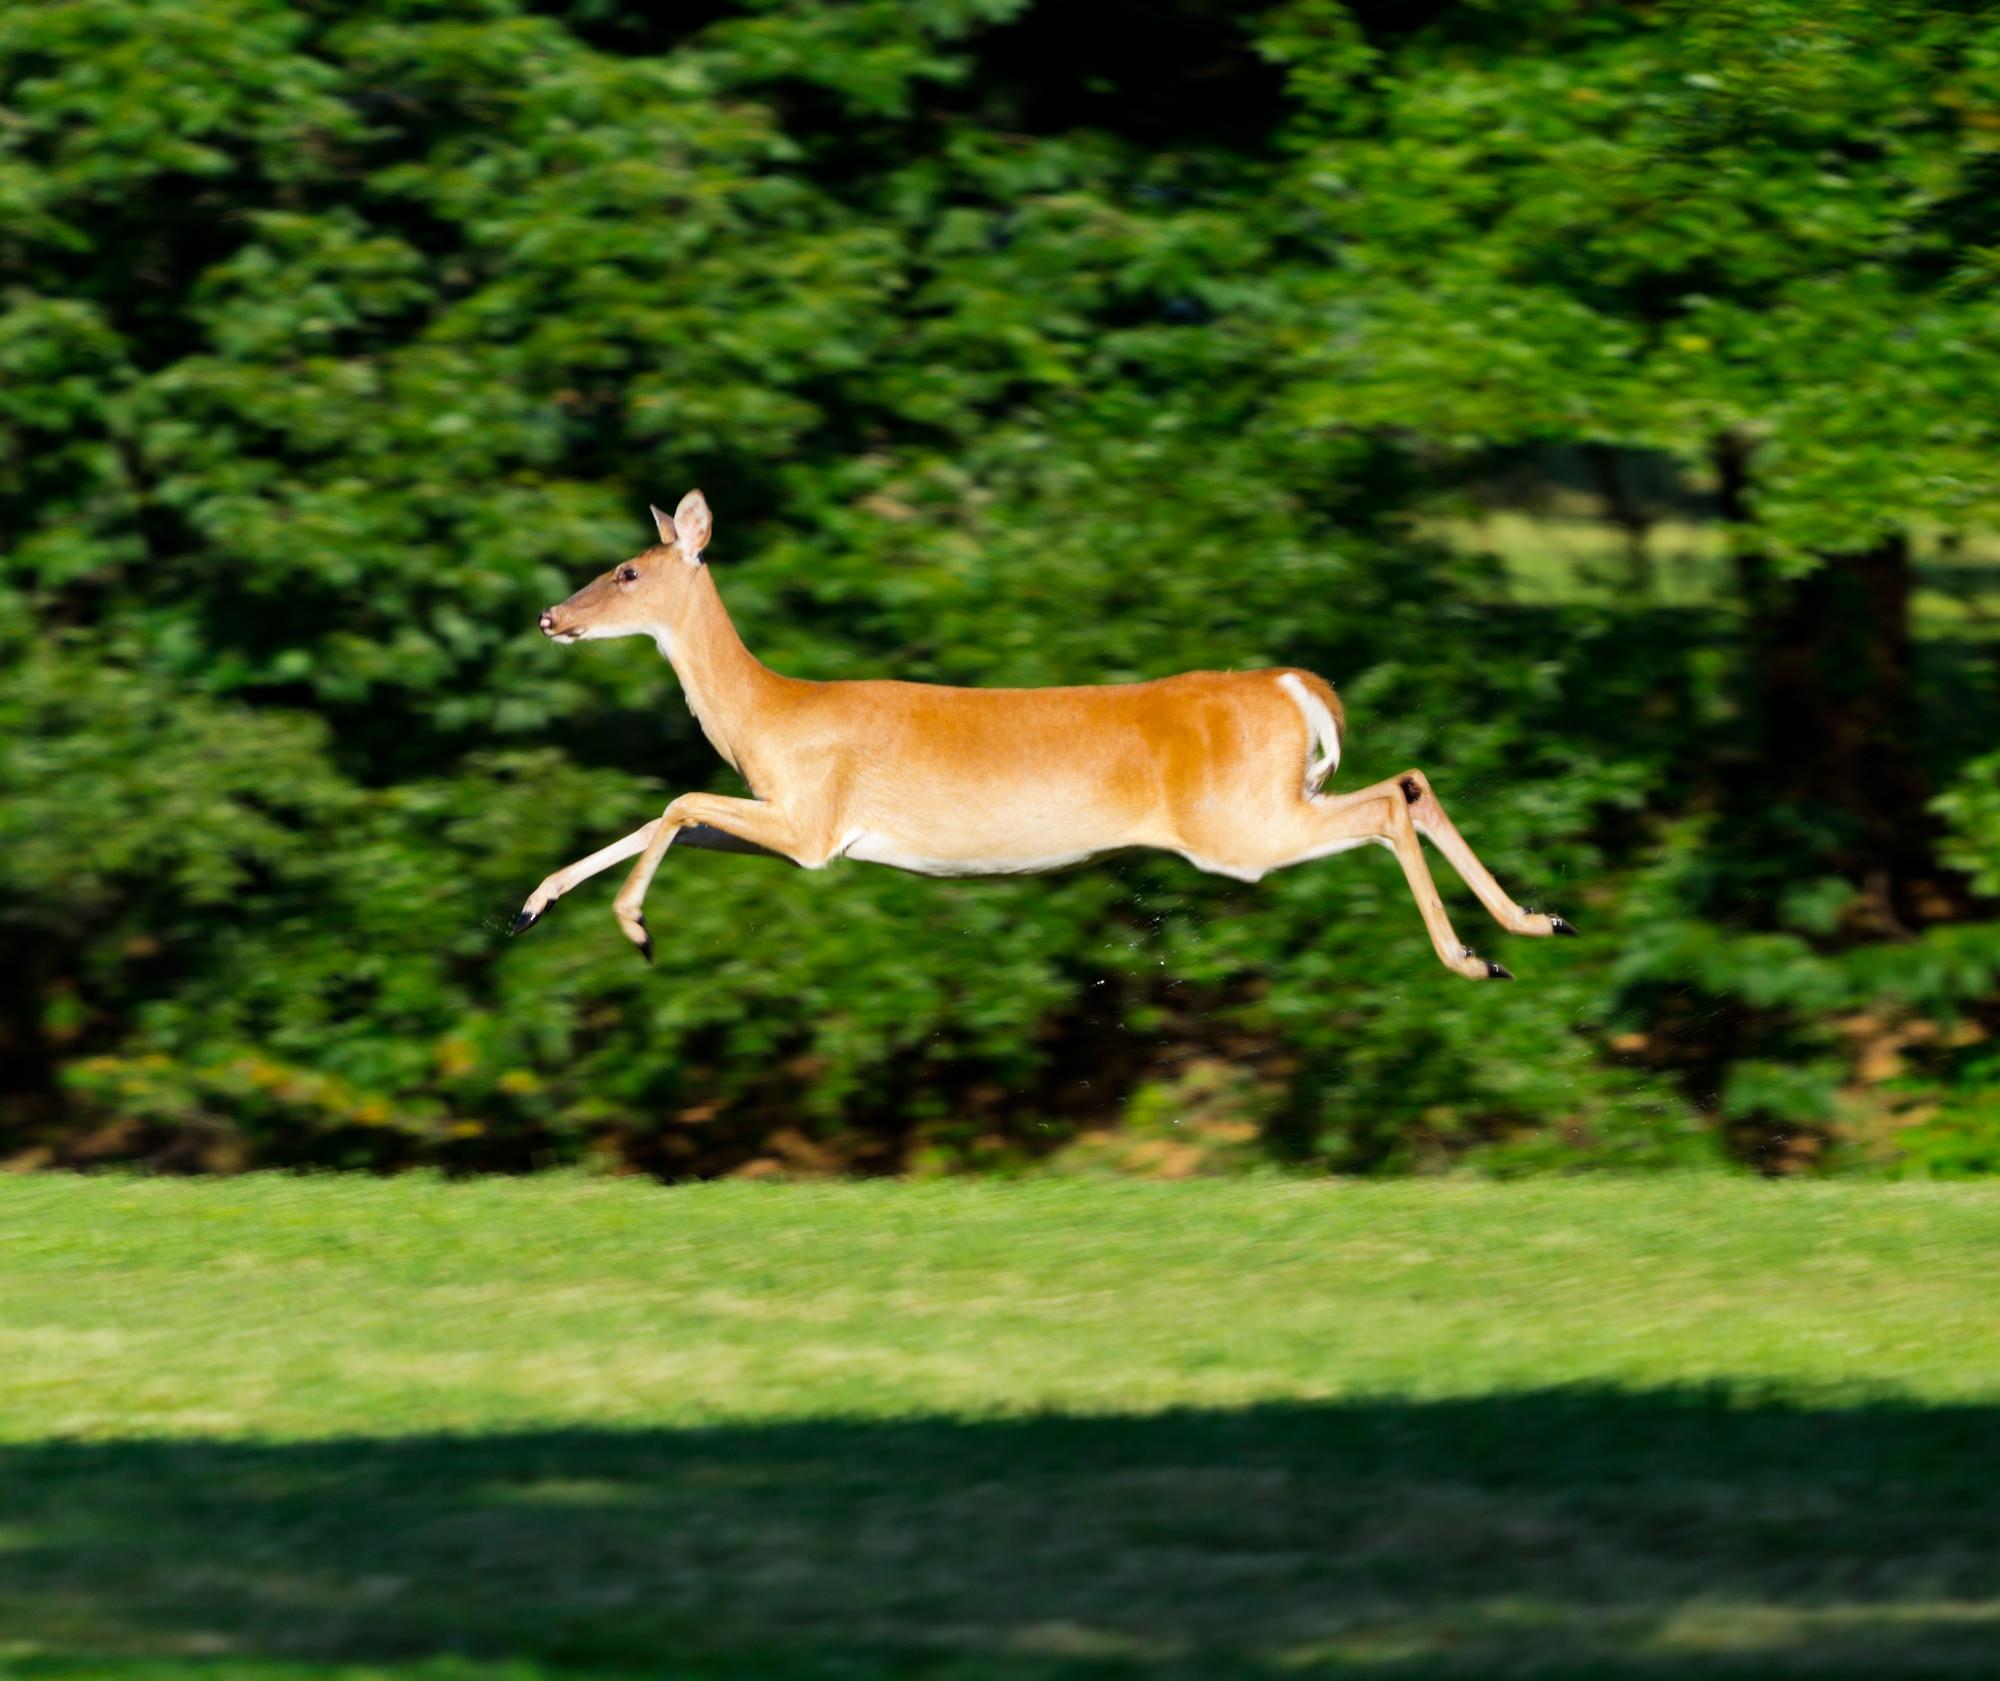 A deer jumping.